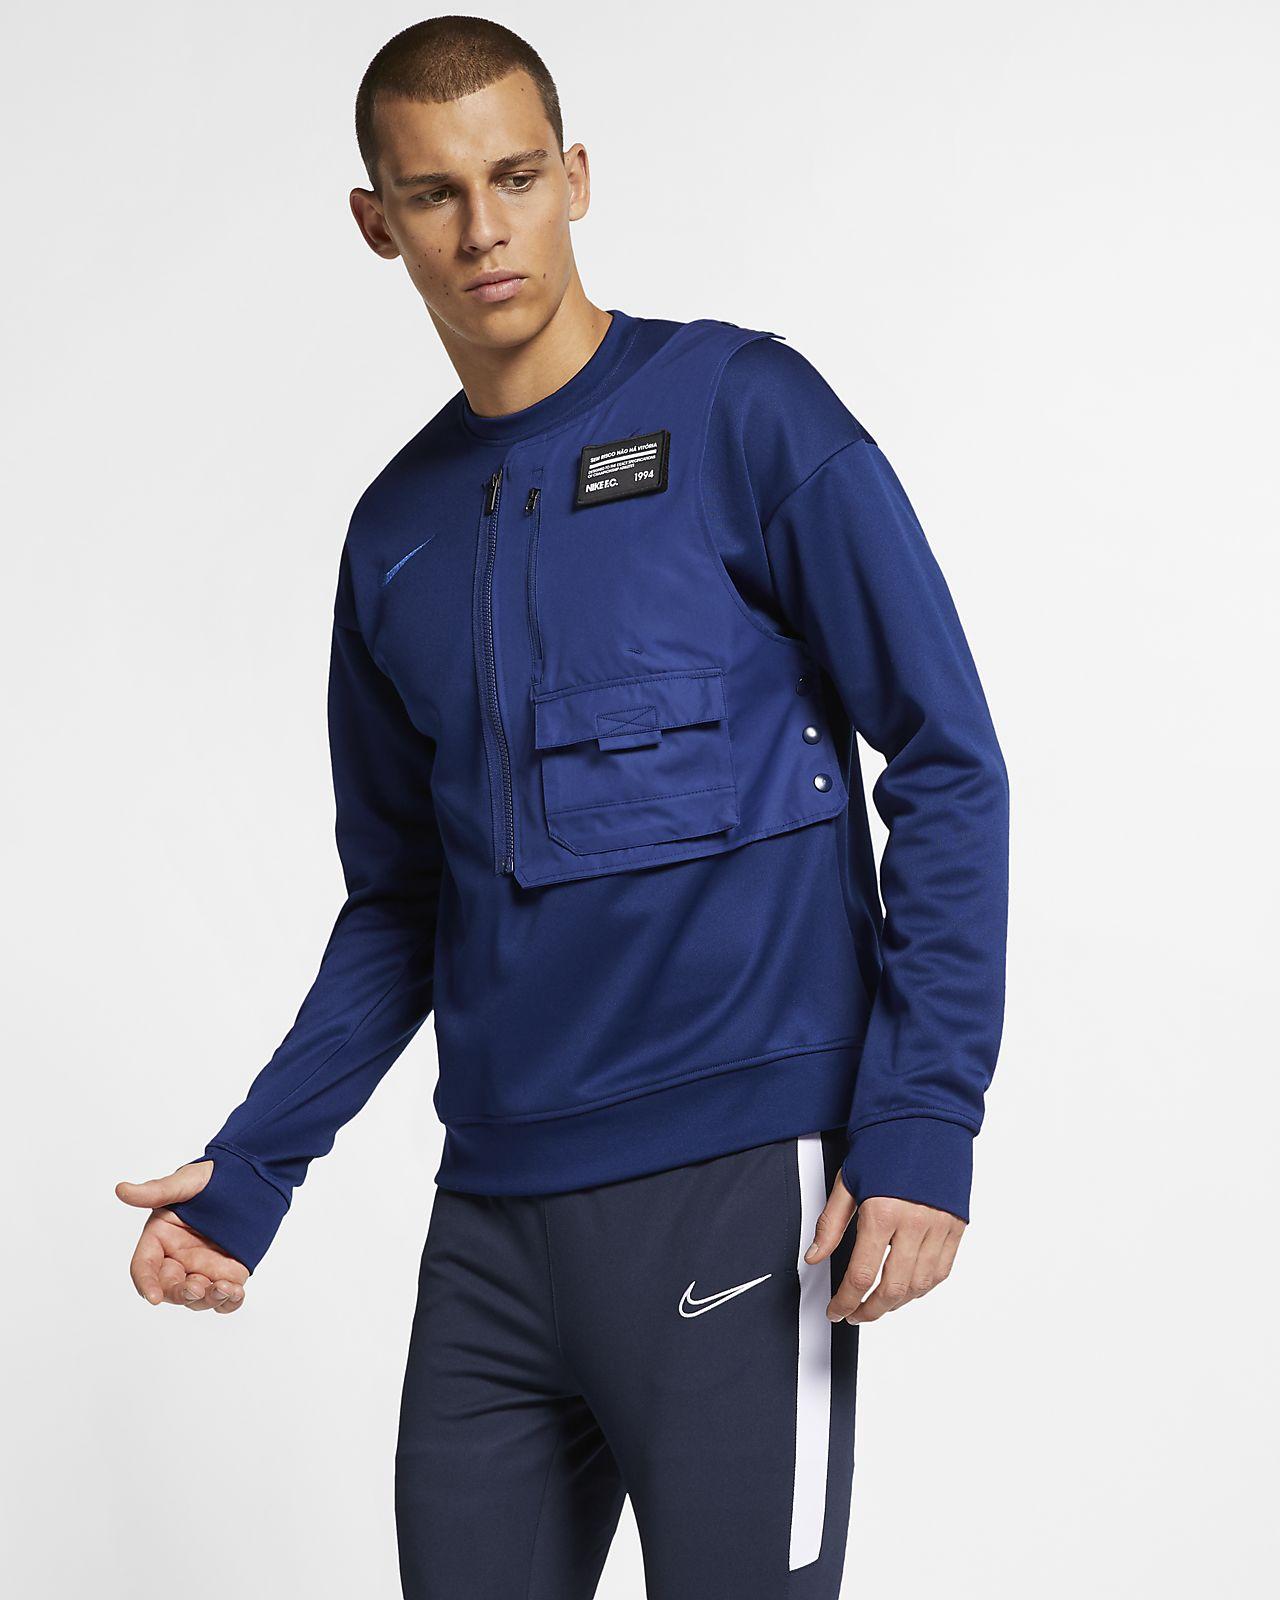 Nike F.C.-fodboldcrewtrøje til mænd